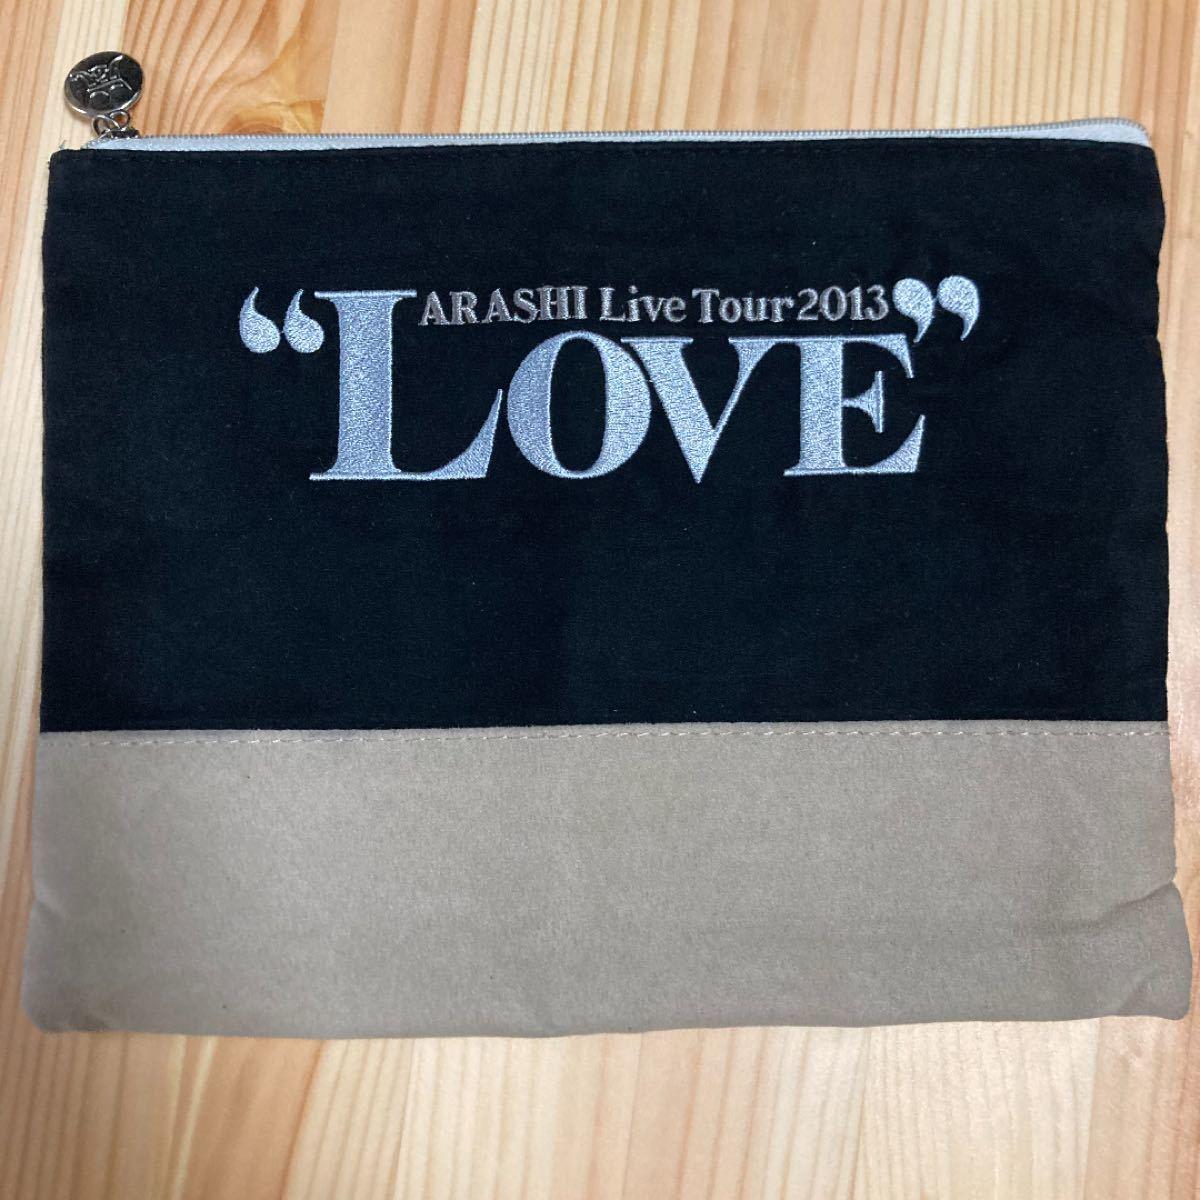 嵐 ARASHI 公式グッズ LOVE ポーチ